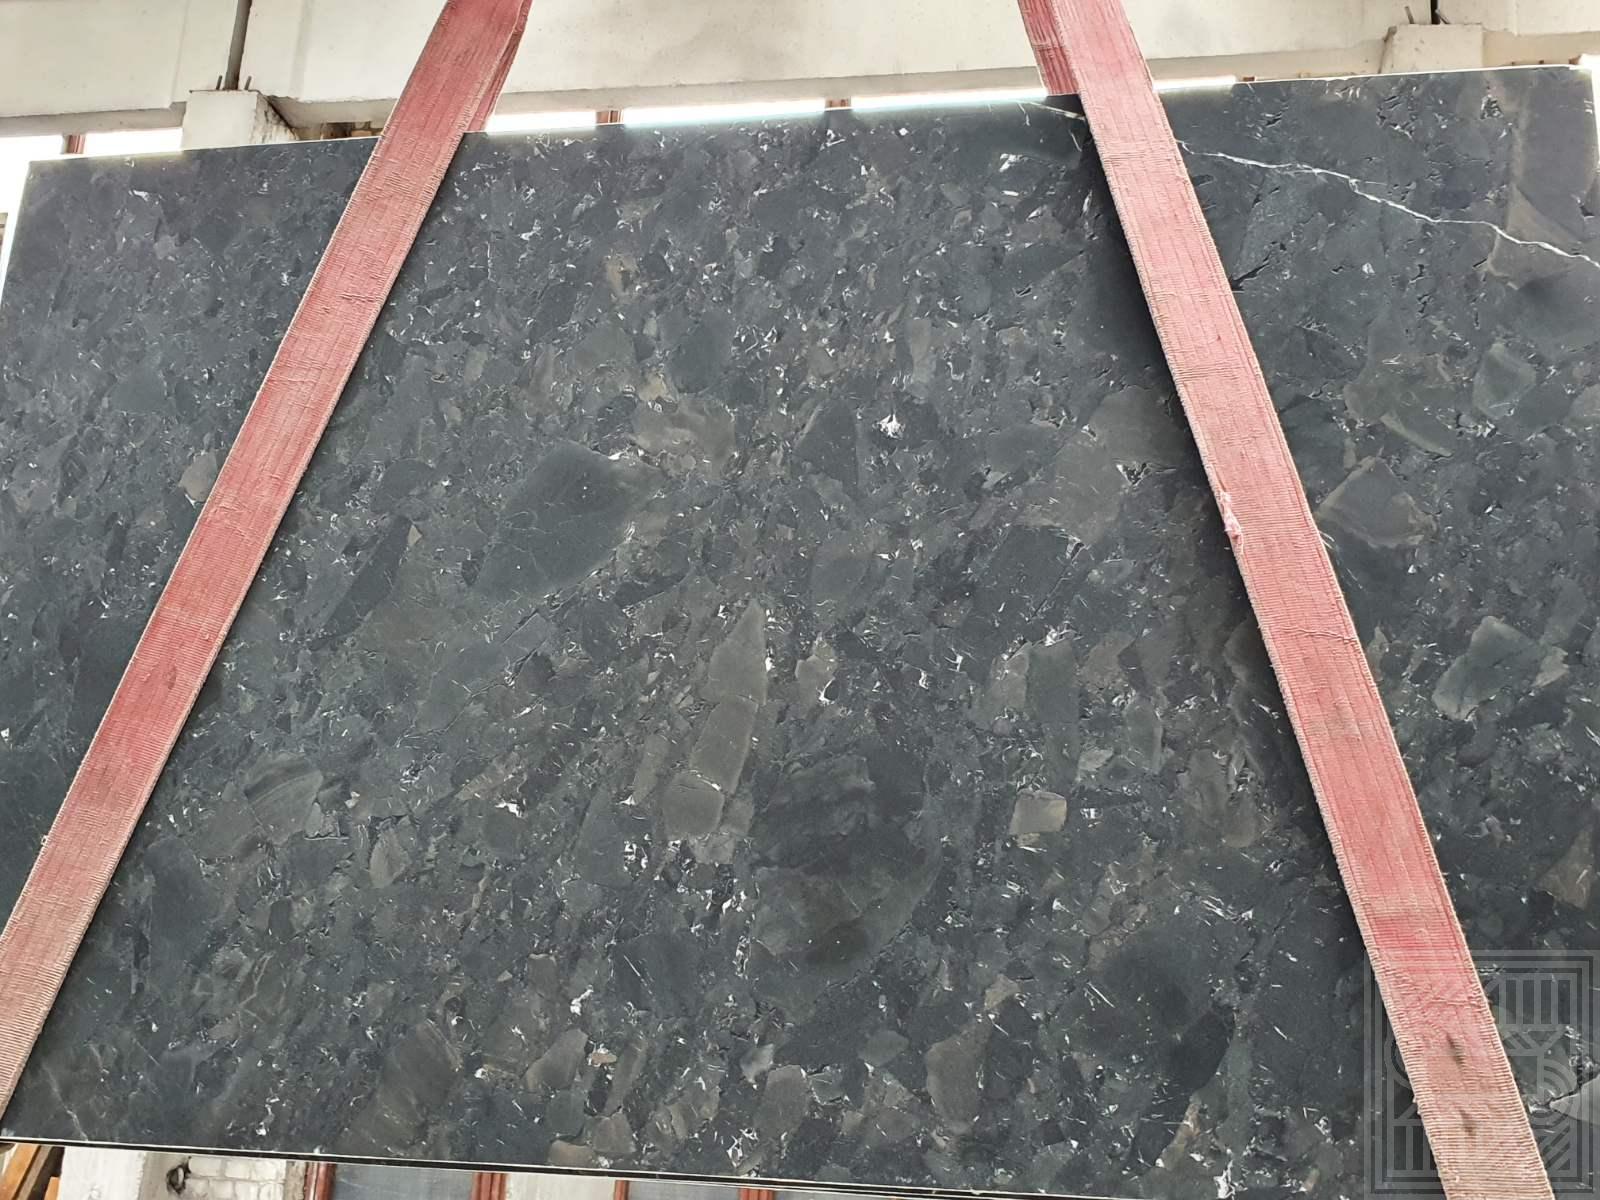 Quarzite Infinity satinato (20 mm) natural-quartzite - Quarzite Infinyty